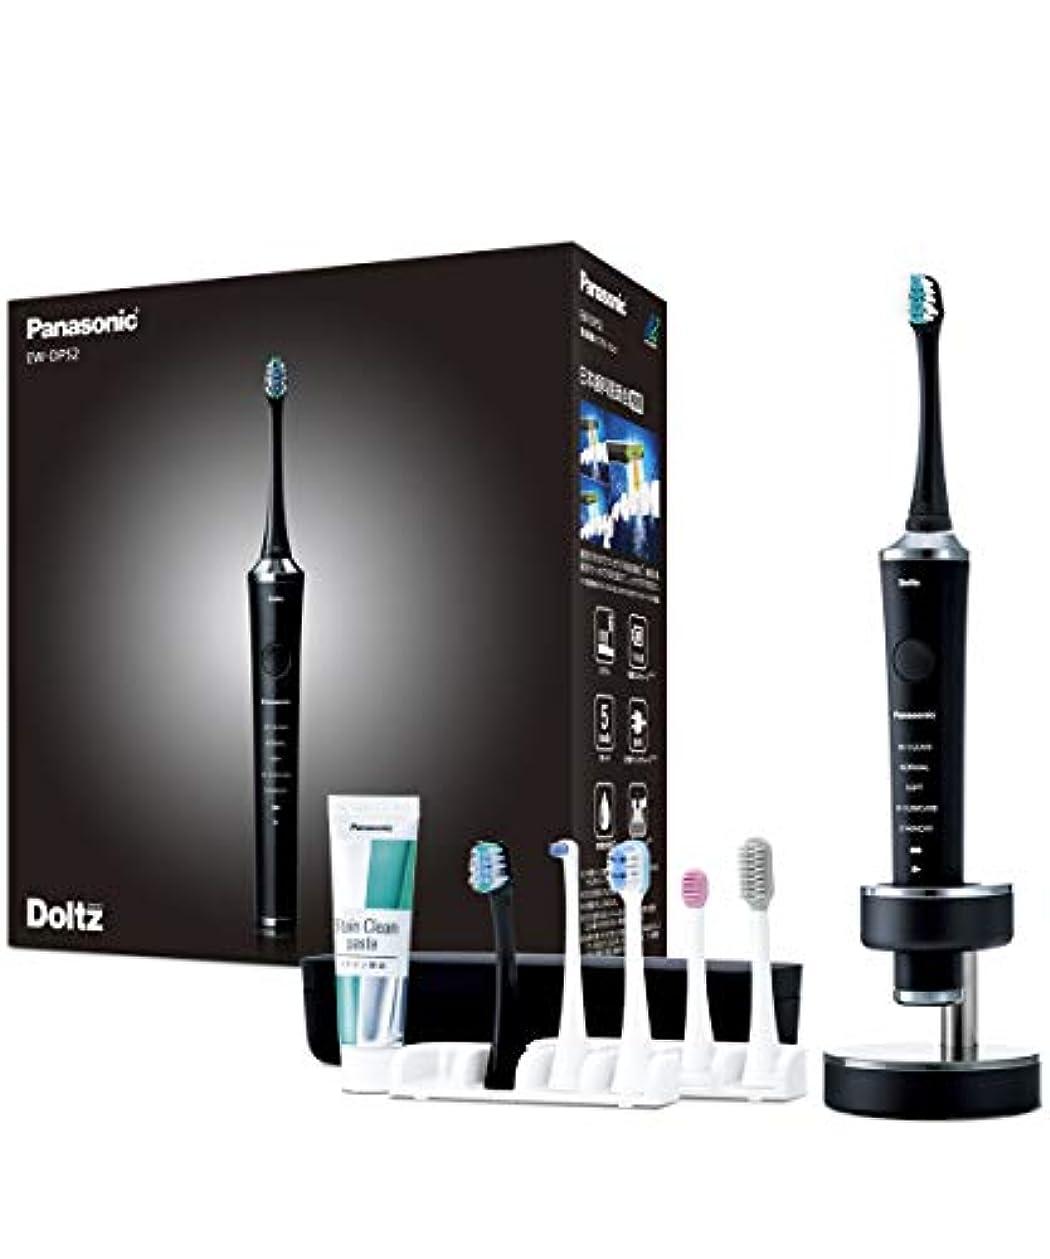 出身地メディア未払いパナソニック 電動歯ブラシ ドルツ 黒 EW-DP52-K